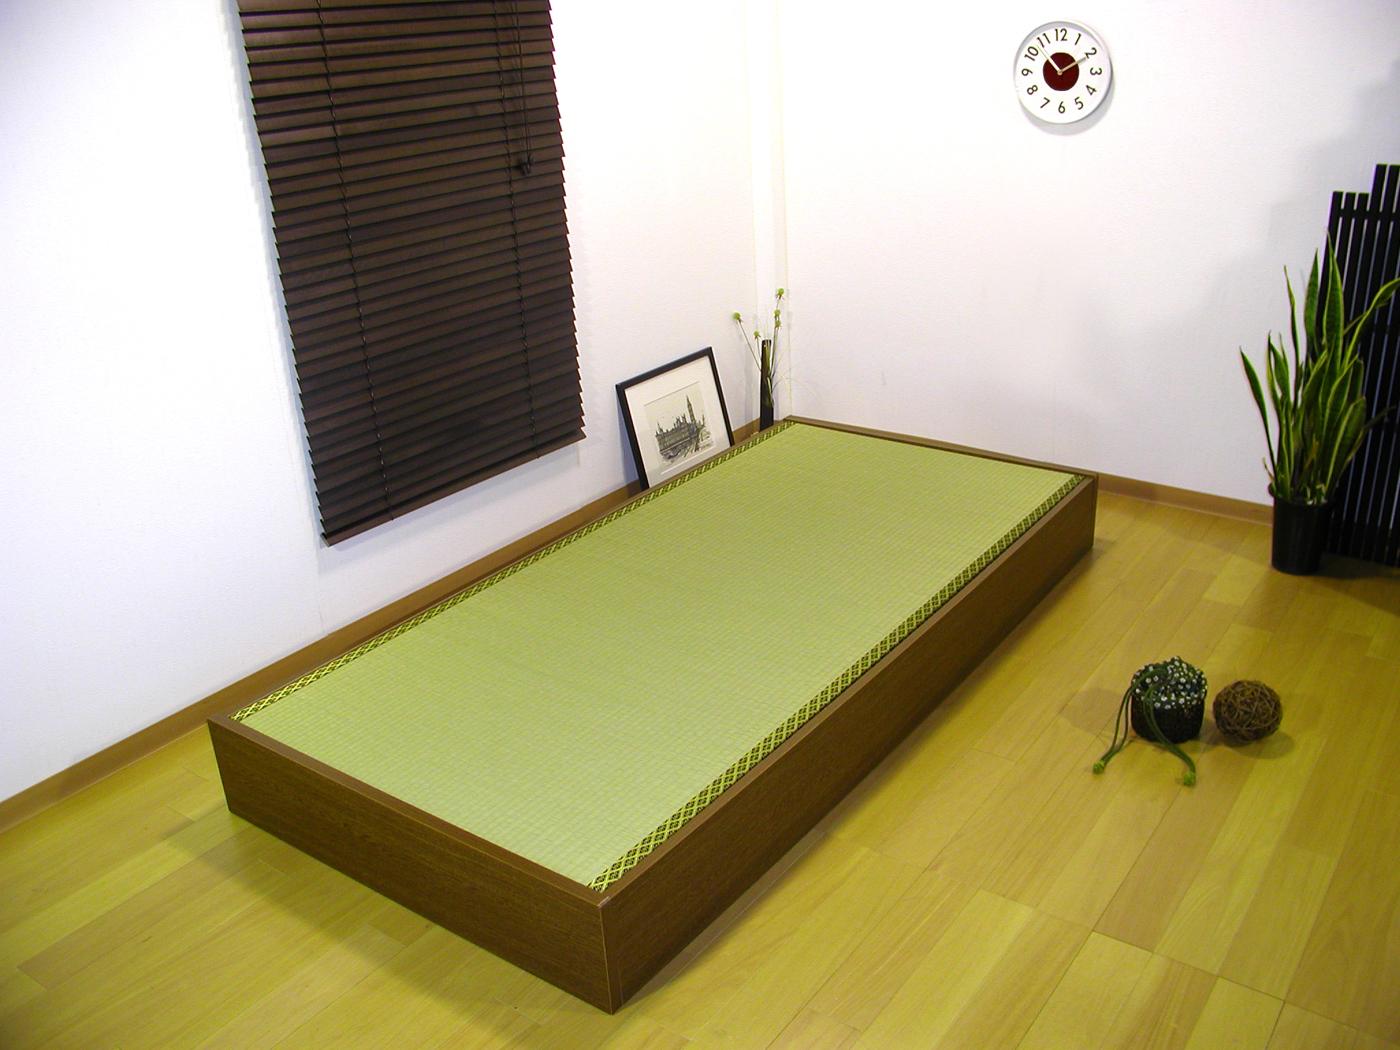 セミシングルサイズ友澤木工 日本製畳 ベッド ヘッドレス収納畳ベッド畳ベッド D-62